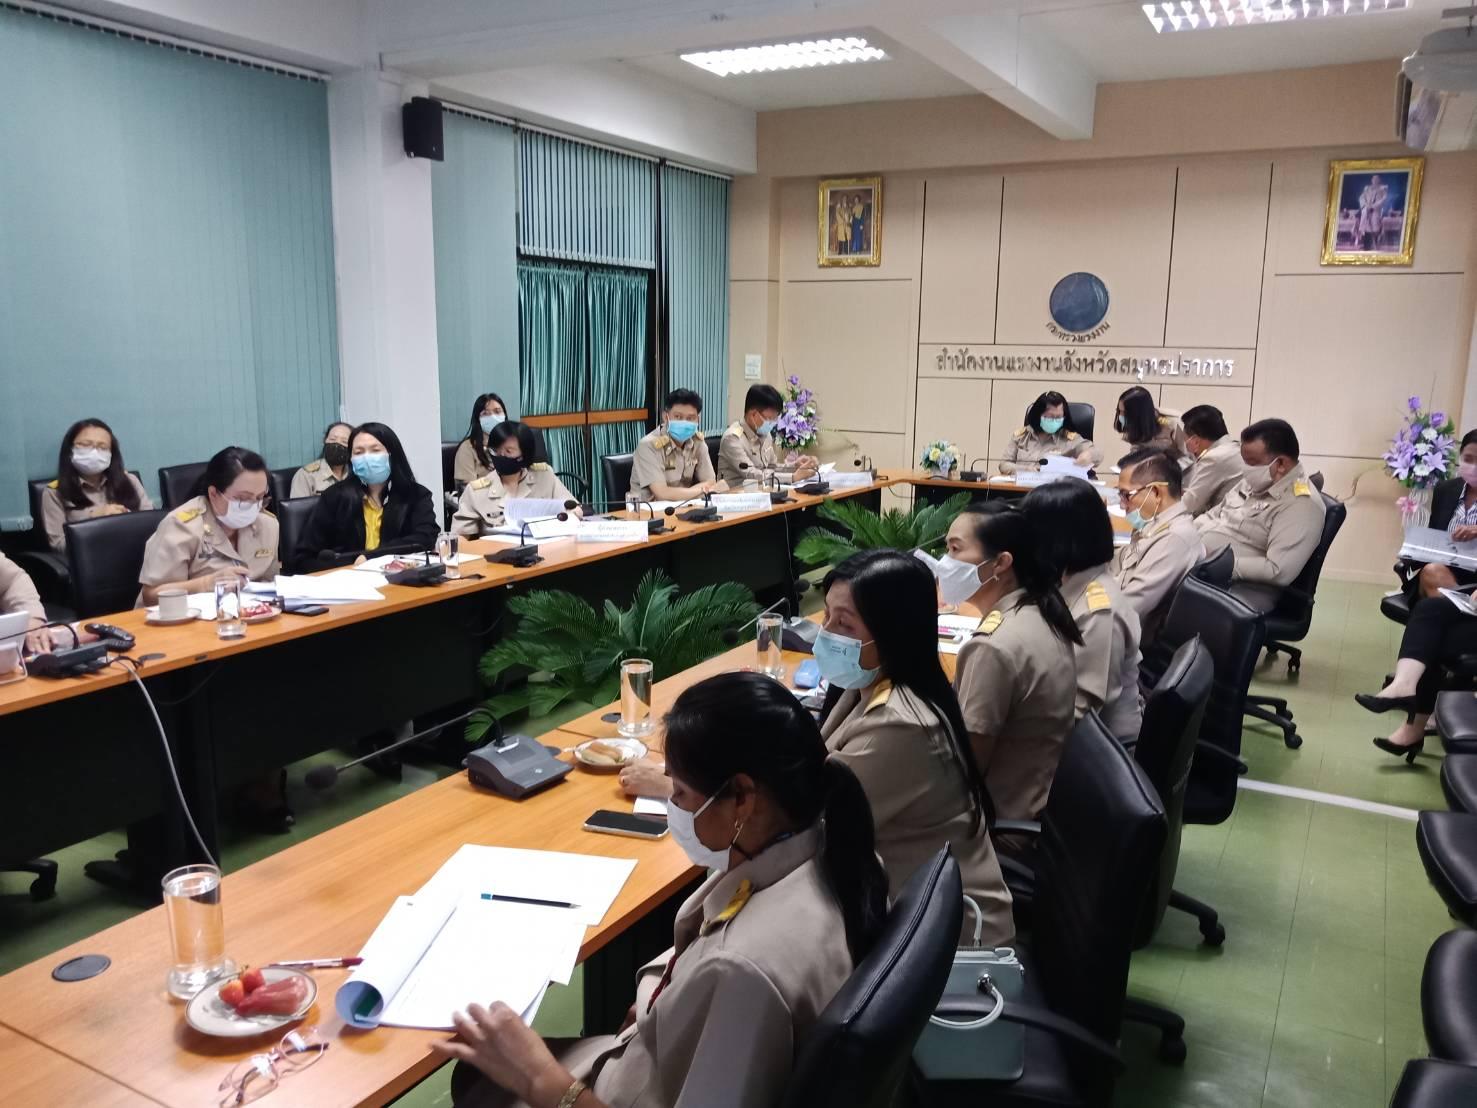 กาประชุมรับฟังชี้แจงแนวทางการตรวจราชการของผู้ตรวจราชการกระทรวงแรงงาน ประจำปีงบประมาณ พ.ศ. 2564 รอบที่ 1